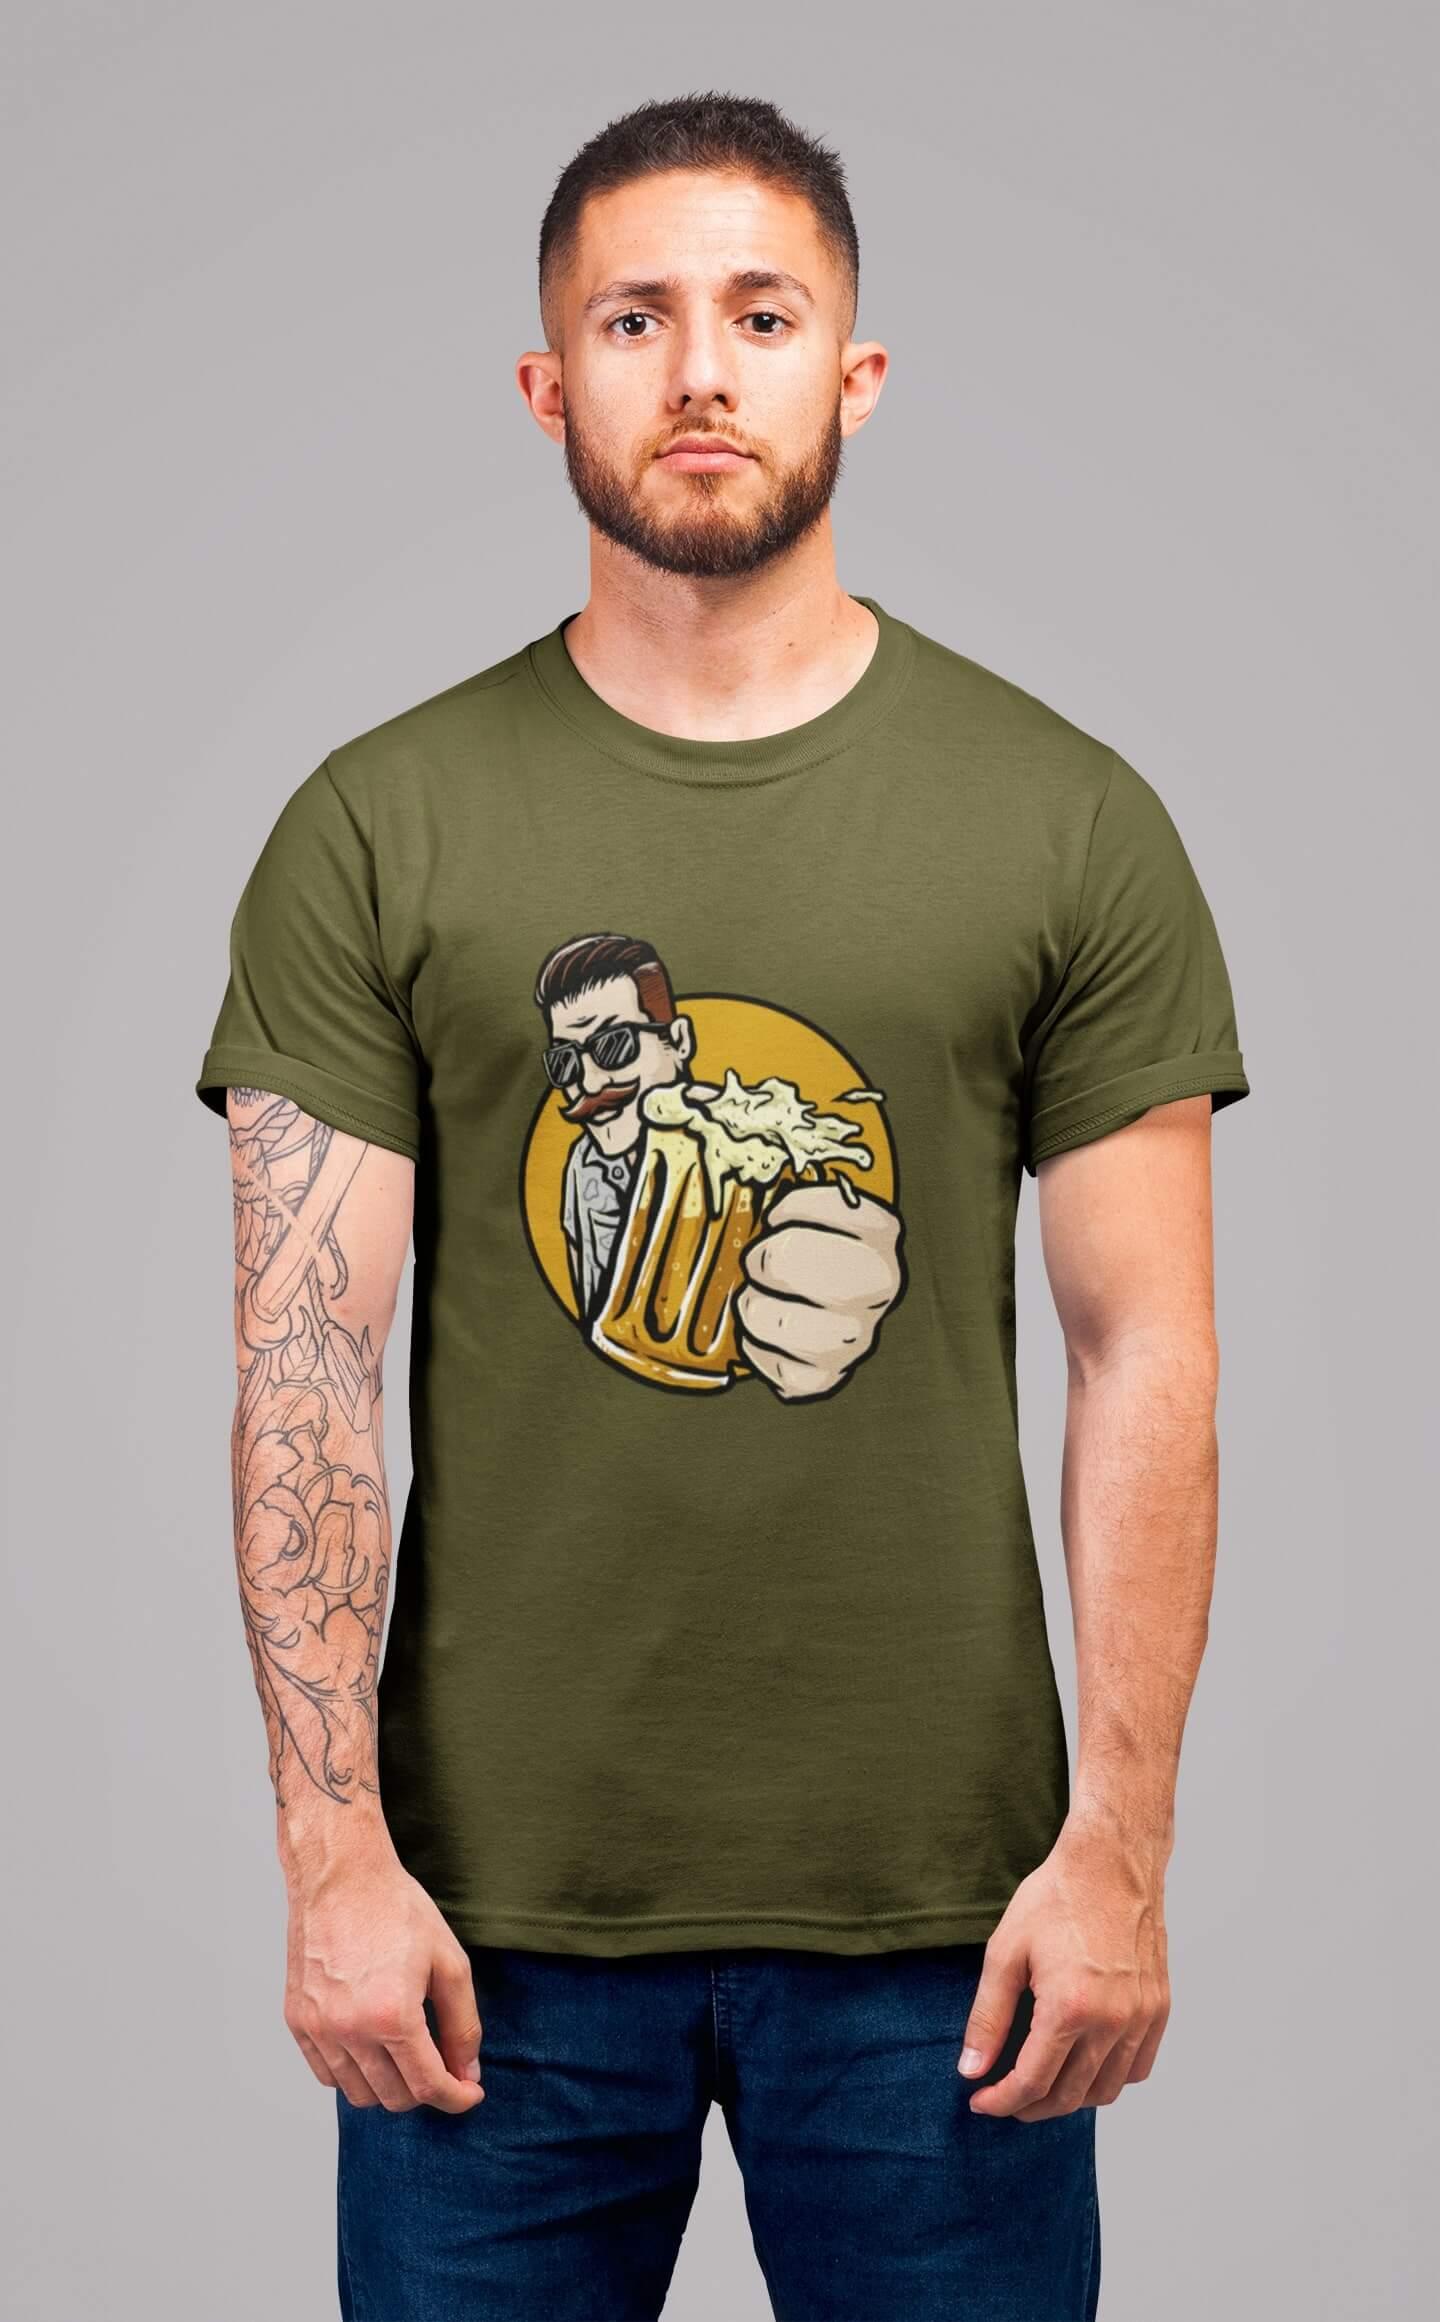 MMO Pánske tričko Chlap s pivom v ruke Vyberte farbu: Khaki, Vyberte veľkosť: L